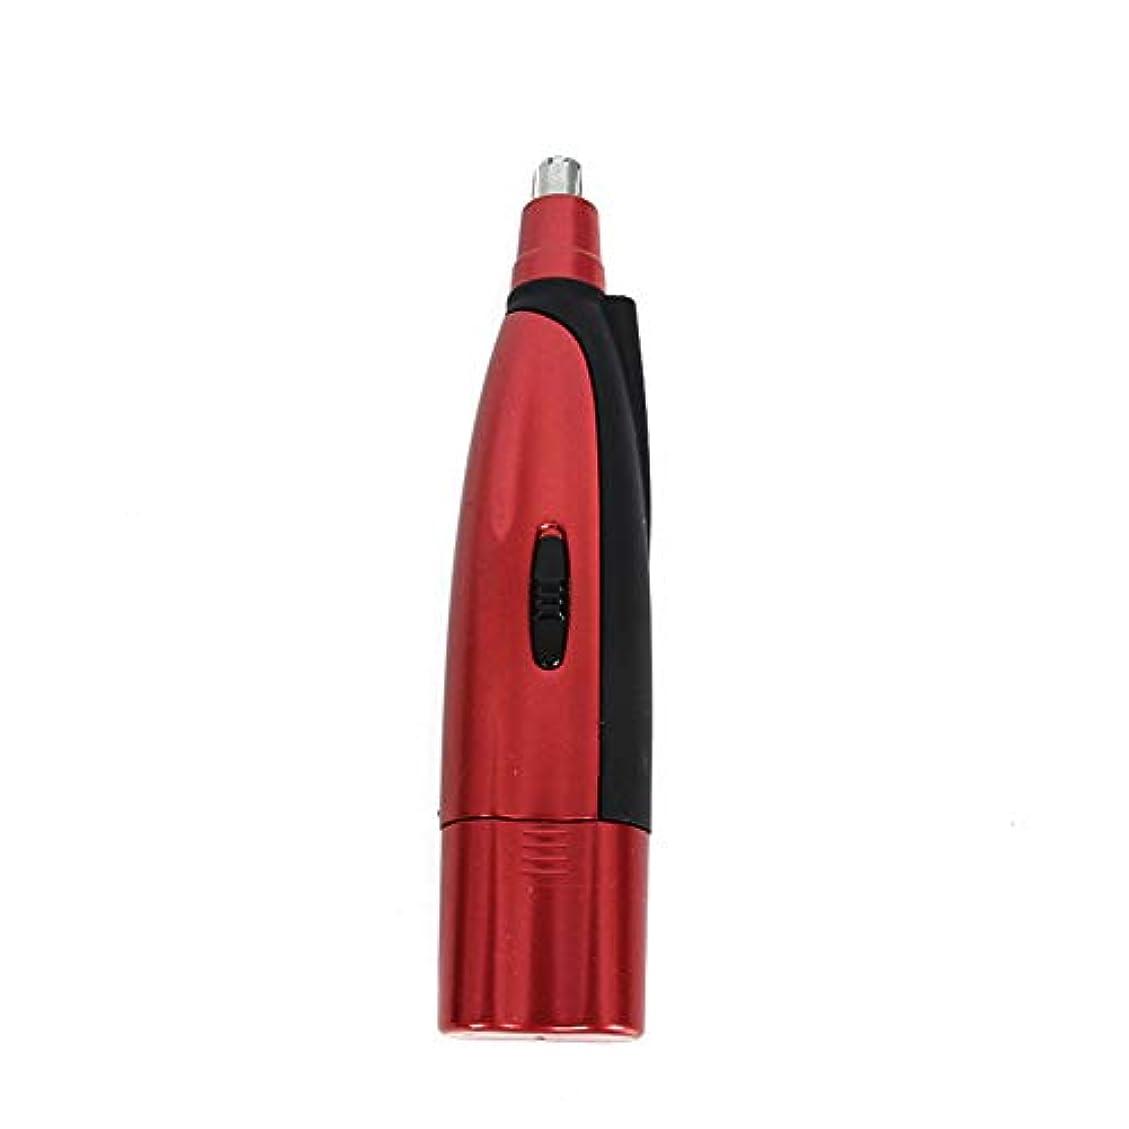 できたフクロウ太平洋諸島男性の鼻毛トリマー、電気トリマー電気シェーバーコードレス精密トリマーカッターリムーバー,赤